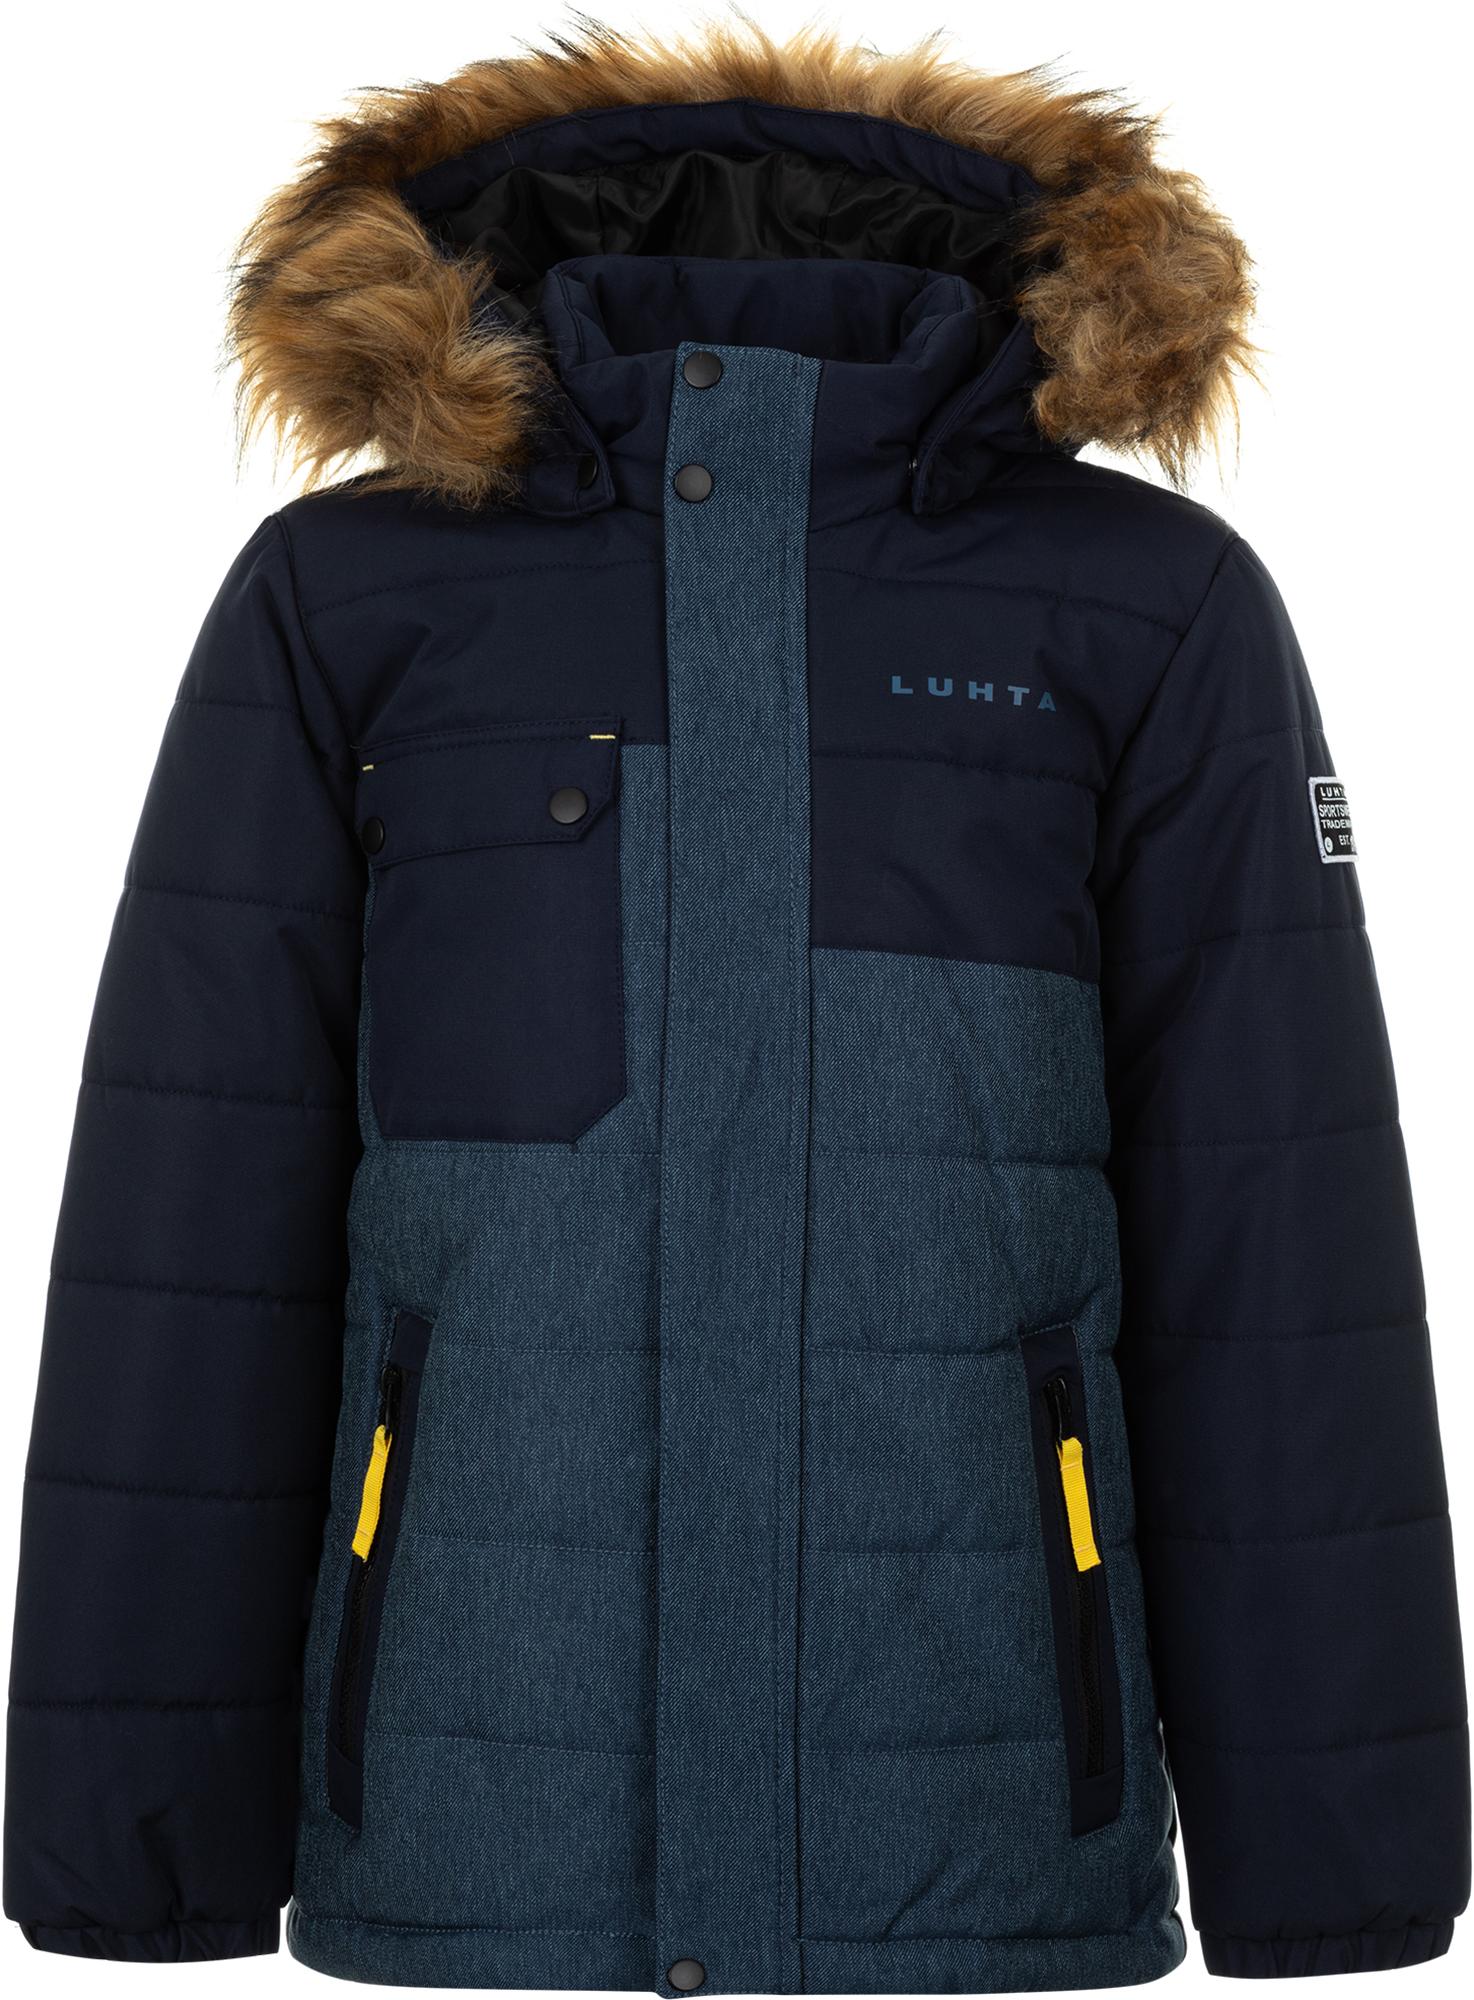 Luhta Куртка утепленная для мальчиков Luhta Kaikko, размер 140 luhta куртка утепленная женская luhta petre размер 52